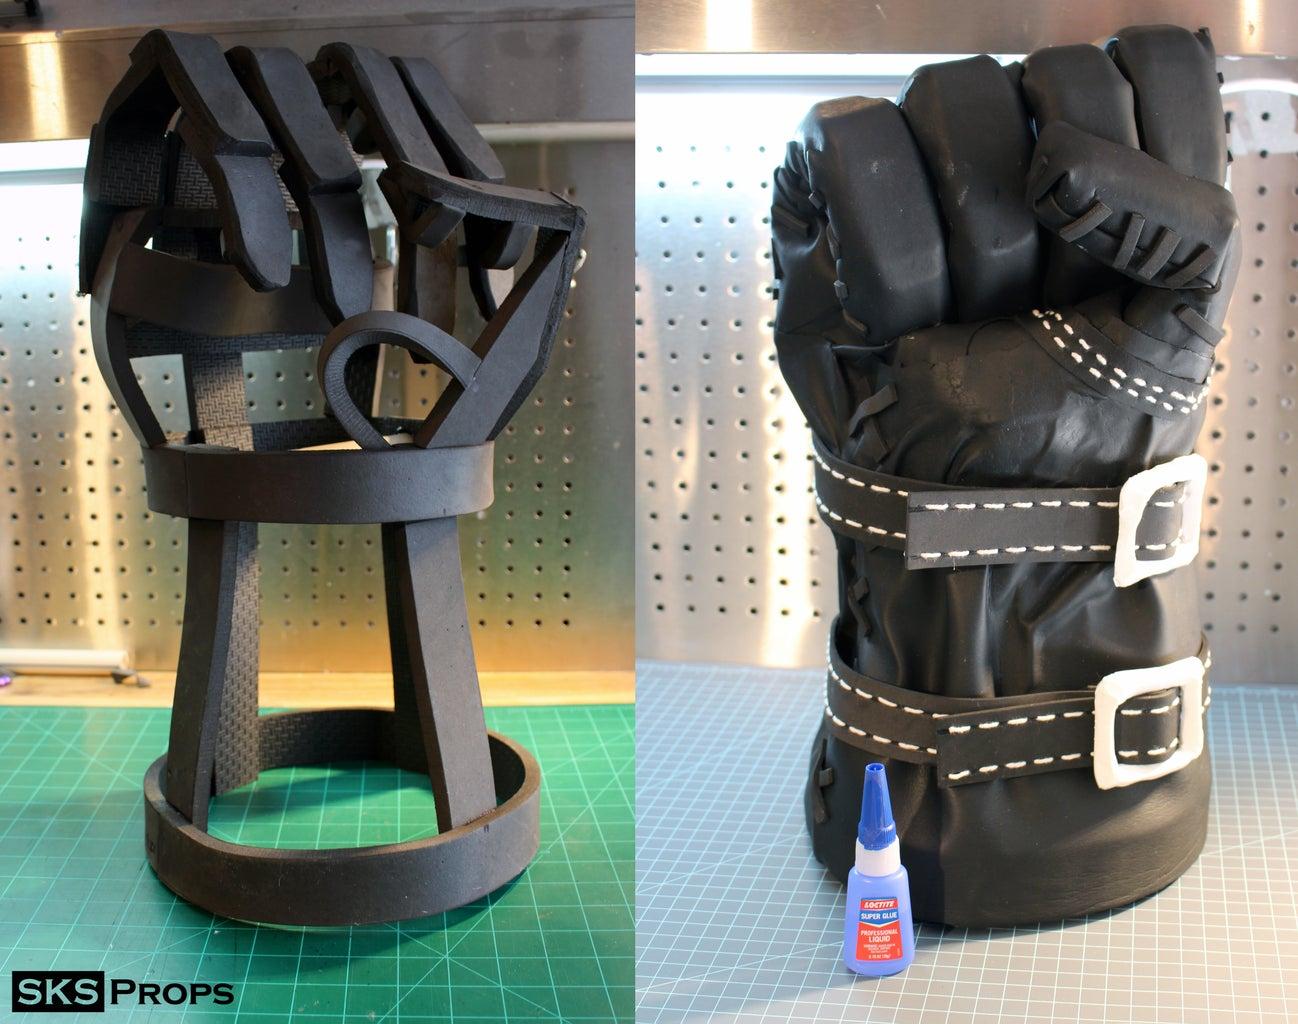 Skinning the Glove